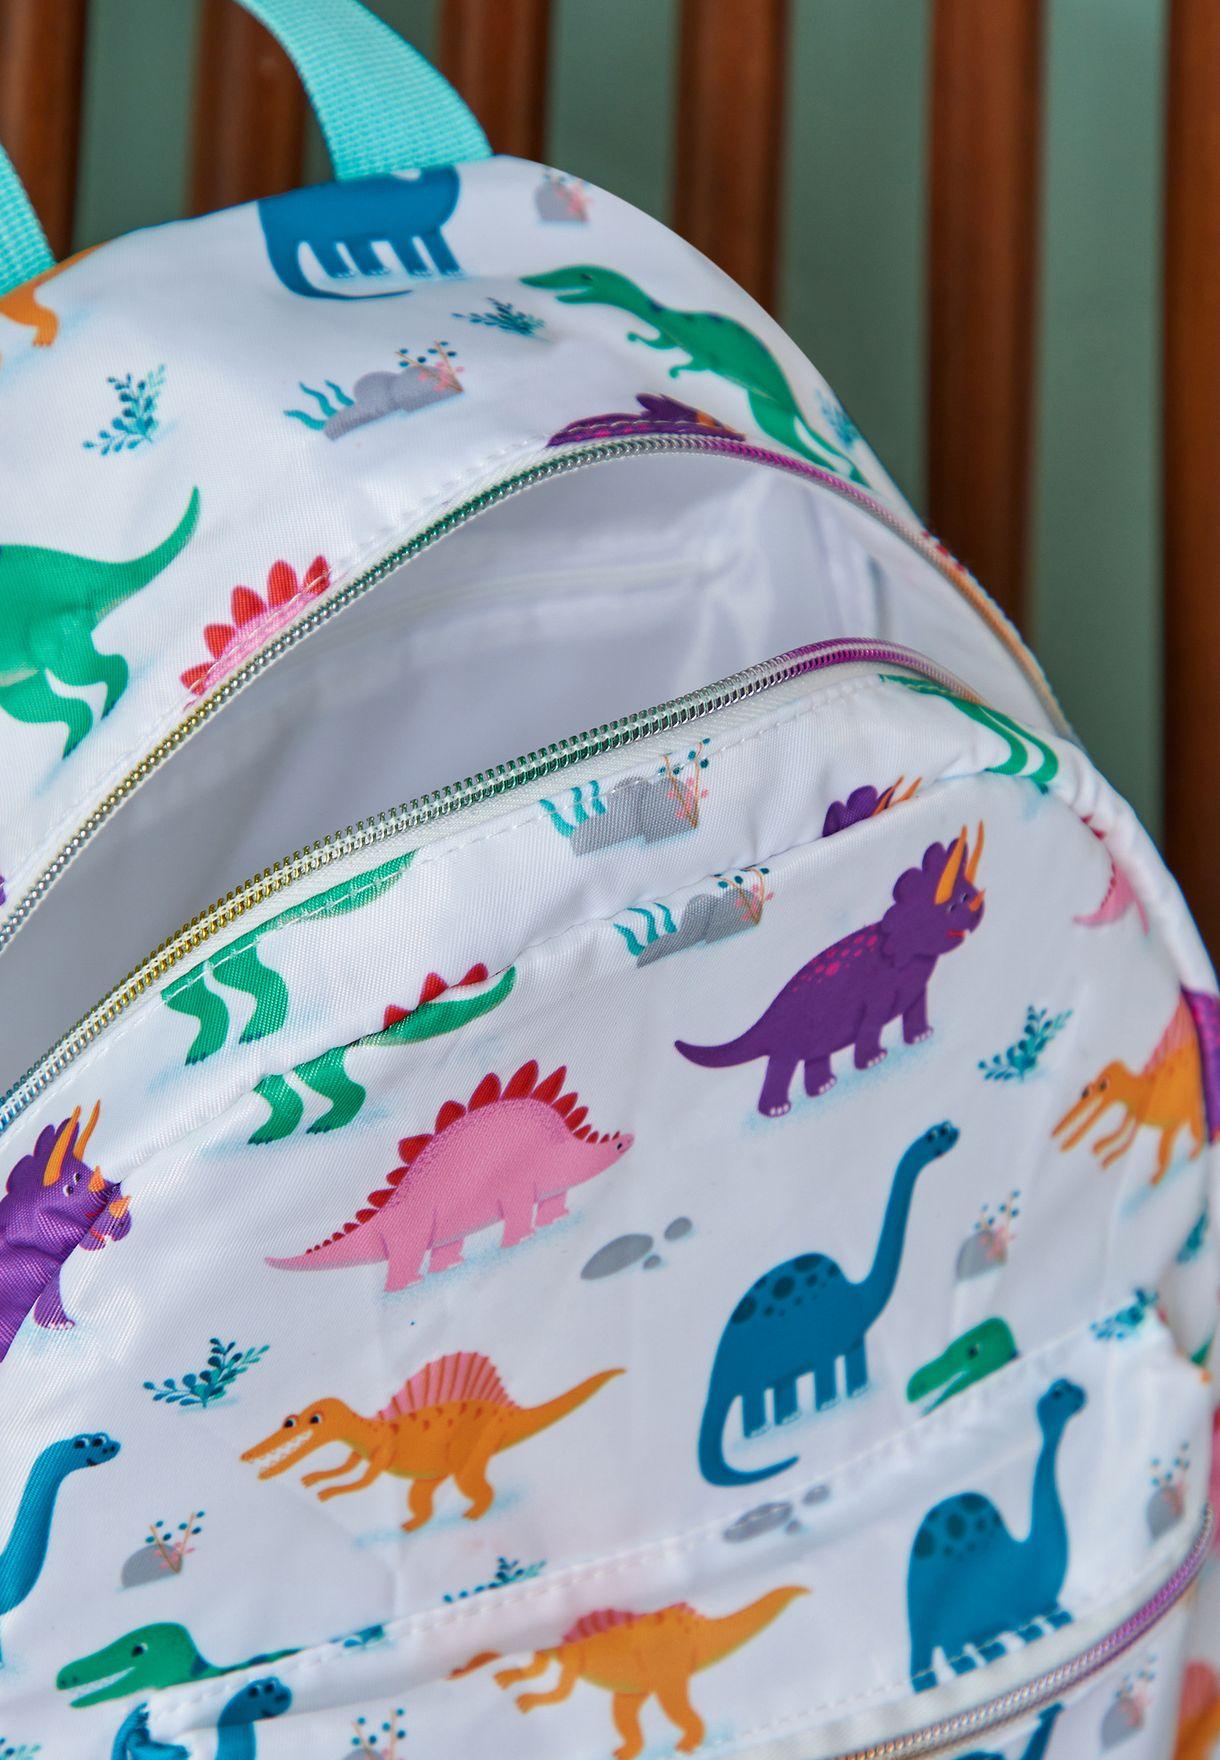 مجموعة العودة إلى المدرسة بطبعة ديناصورات